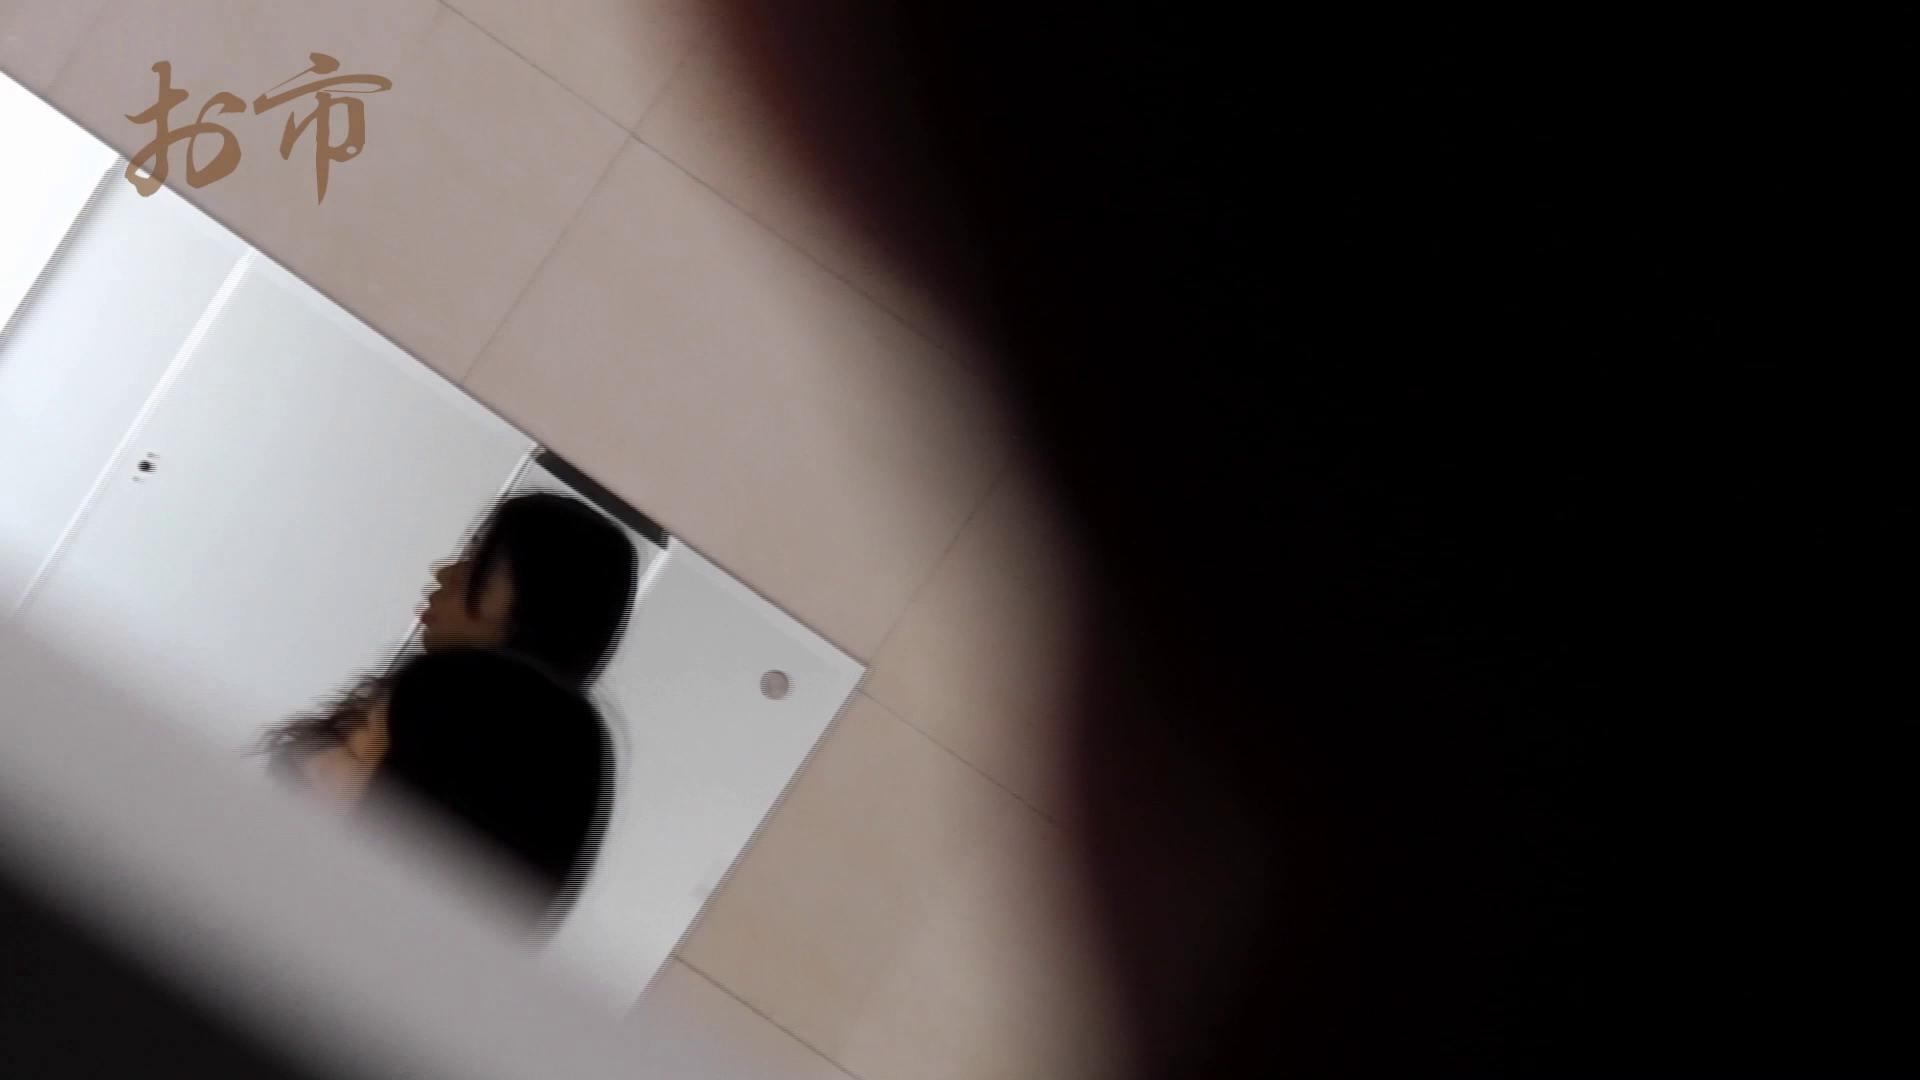 潜入!!台湾名門女学院 Vol.12 長身モデル驚き見たことないシチュエーション 盗撮編 エロ無料画像 80枚 79